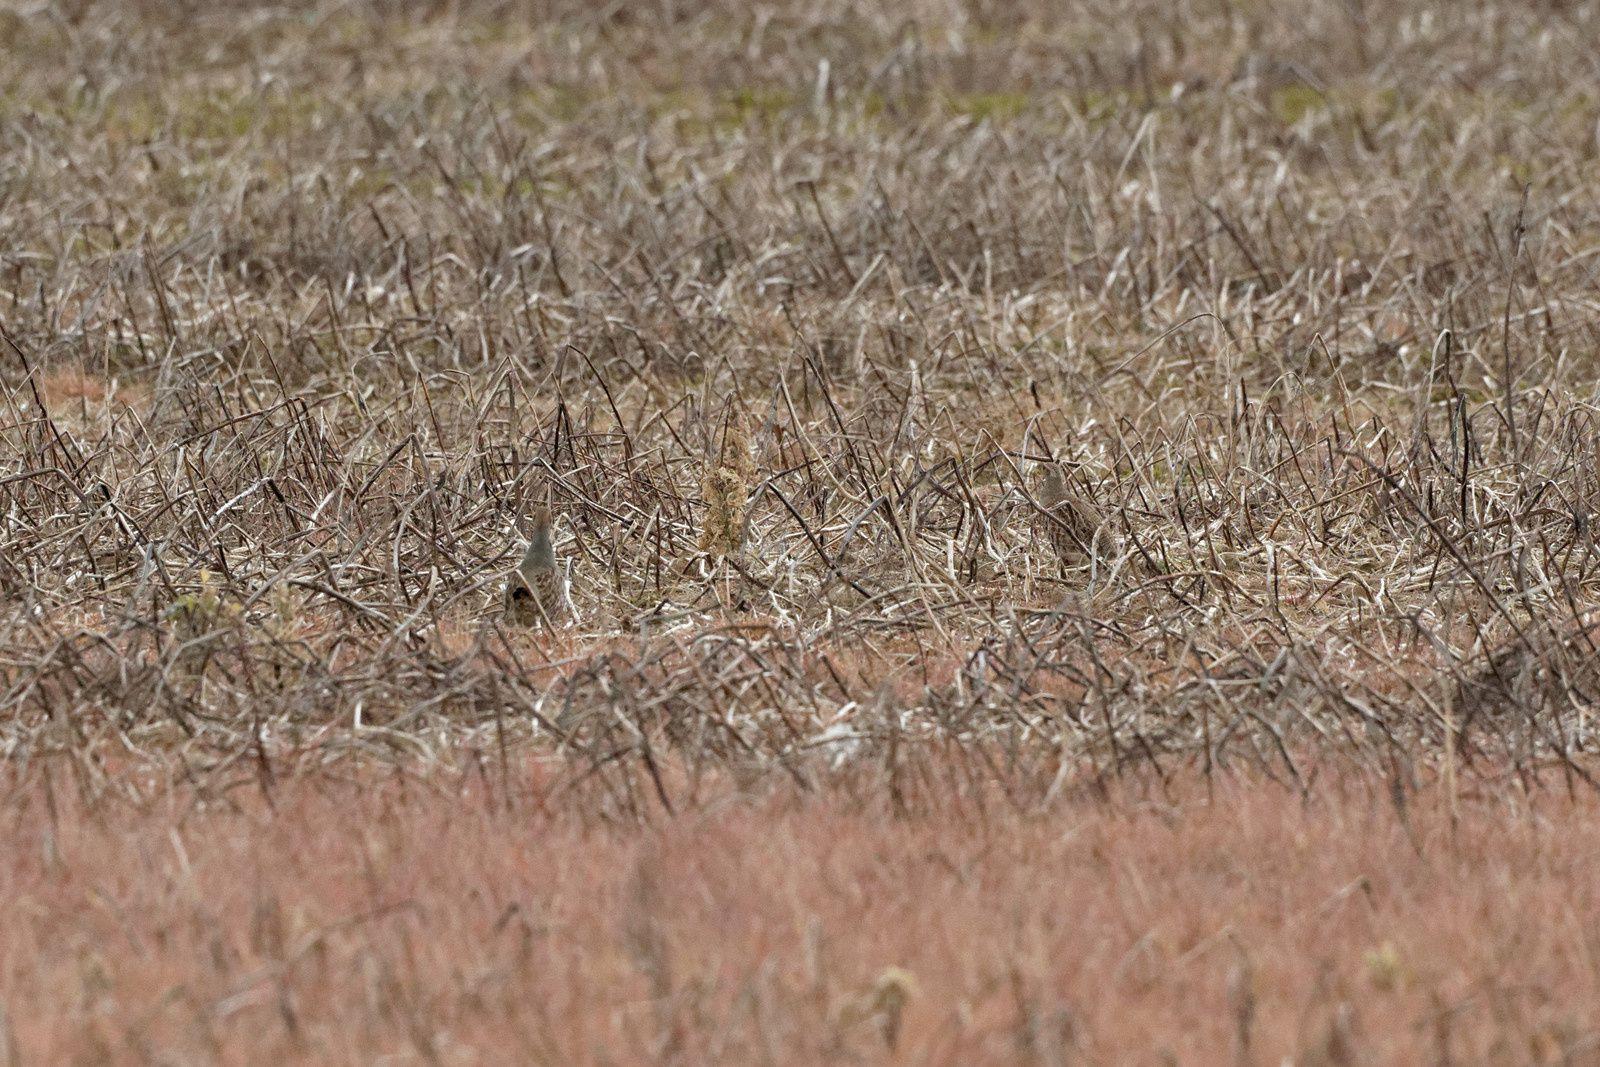 Sur la dernière, voyez-vous la deuxième Perdrix grise ? Pas évident du tout (l'agrandissement est augmenté). Leur plumage est protecteur dans ce milieu.